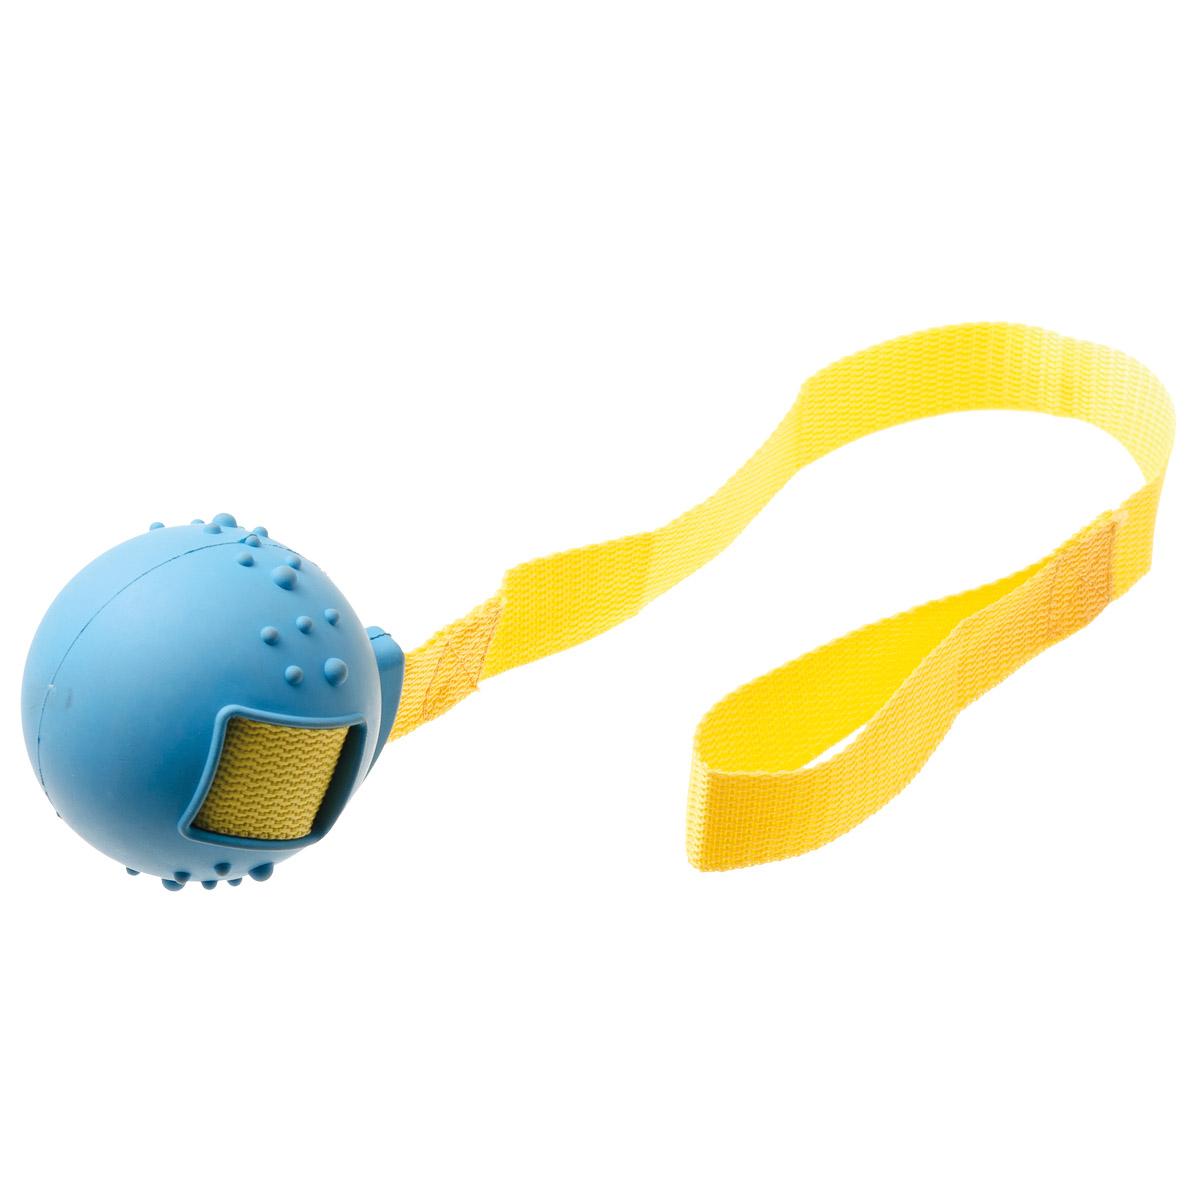 Игрушка для собак V.I.Pet Мяч на ручке, диаметр 8 см13125Предназначена для активной игры с питомцем в перетягивание и бросание. С этой игрушкой с удовольствием будут играть и щенки, и взрослые собаки. Изготовлена из экологически чистой резины - абсолютно нетоксичной и безопасной, моется водой.